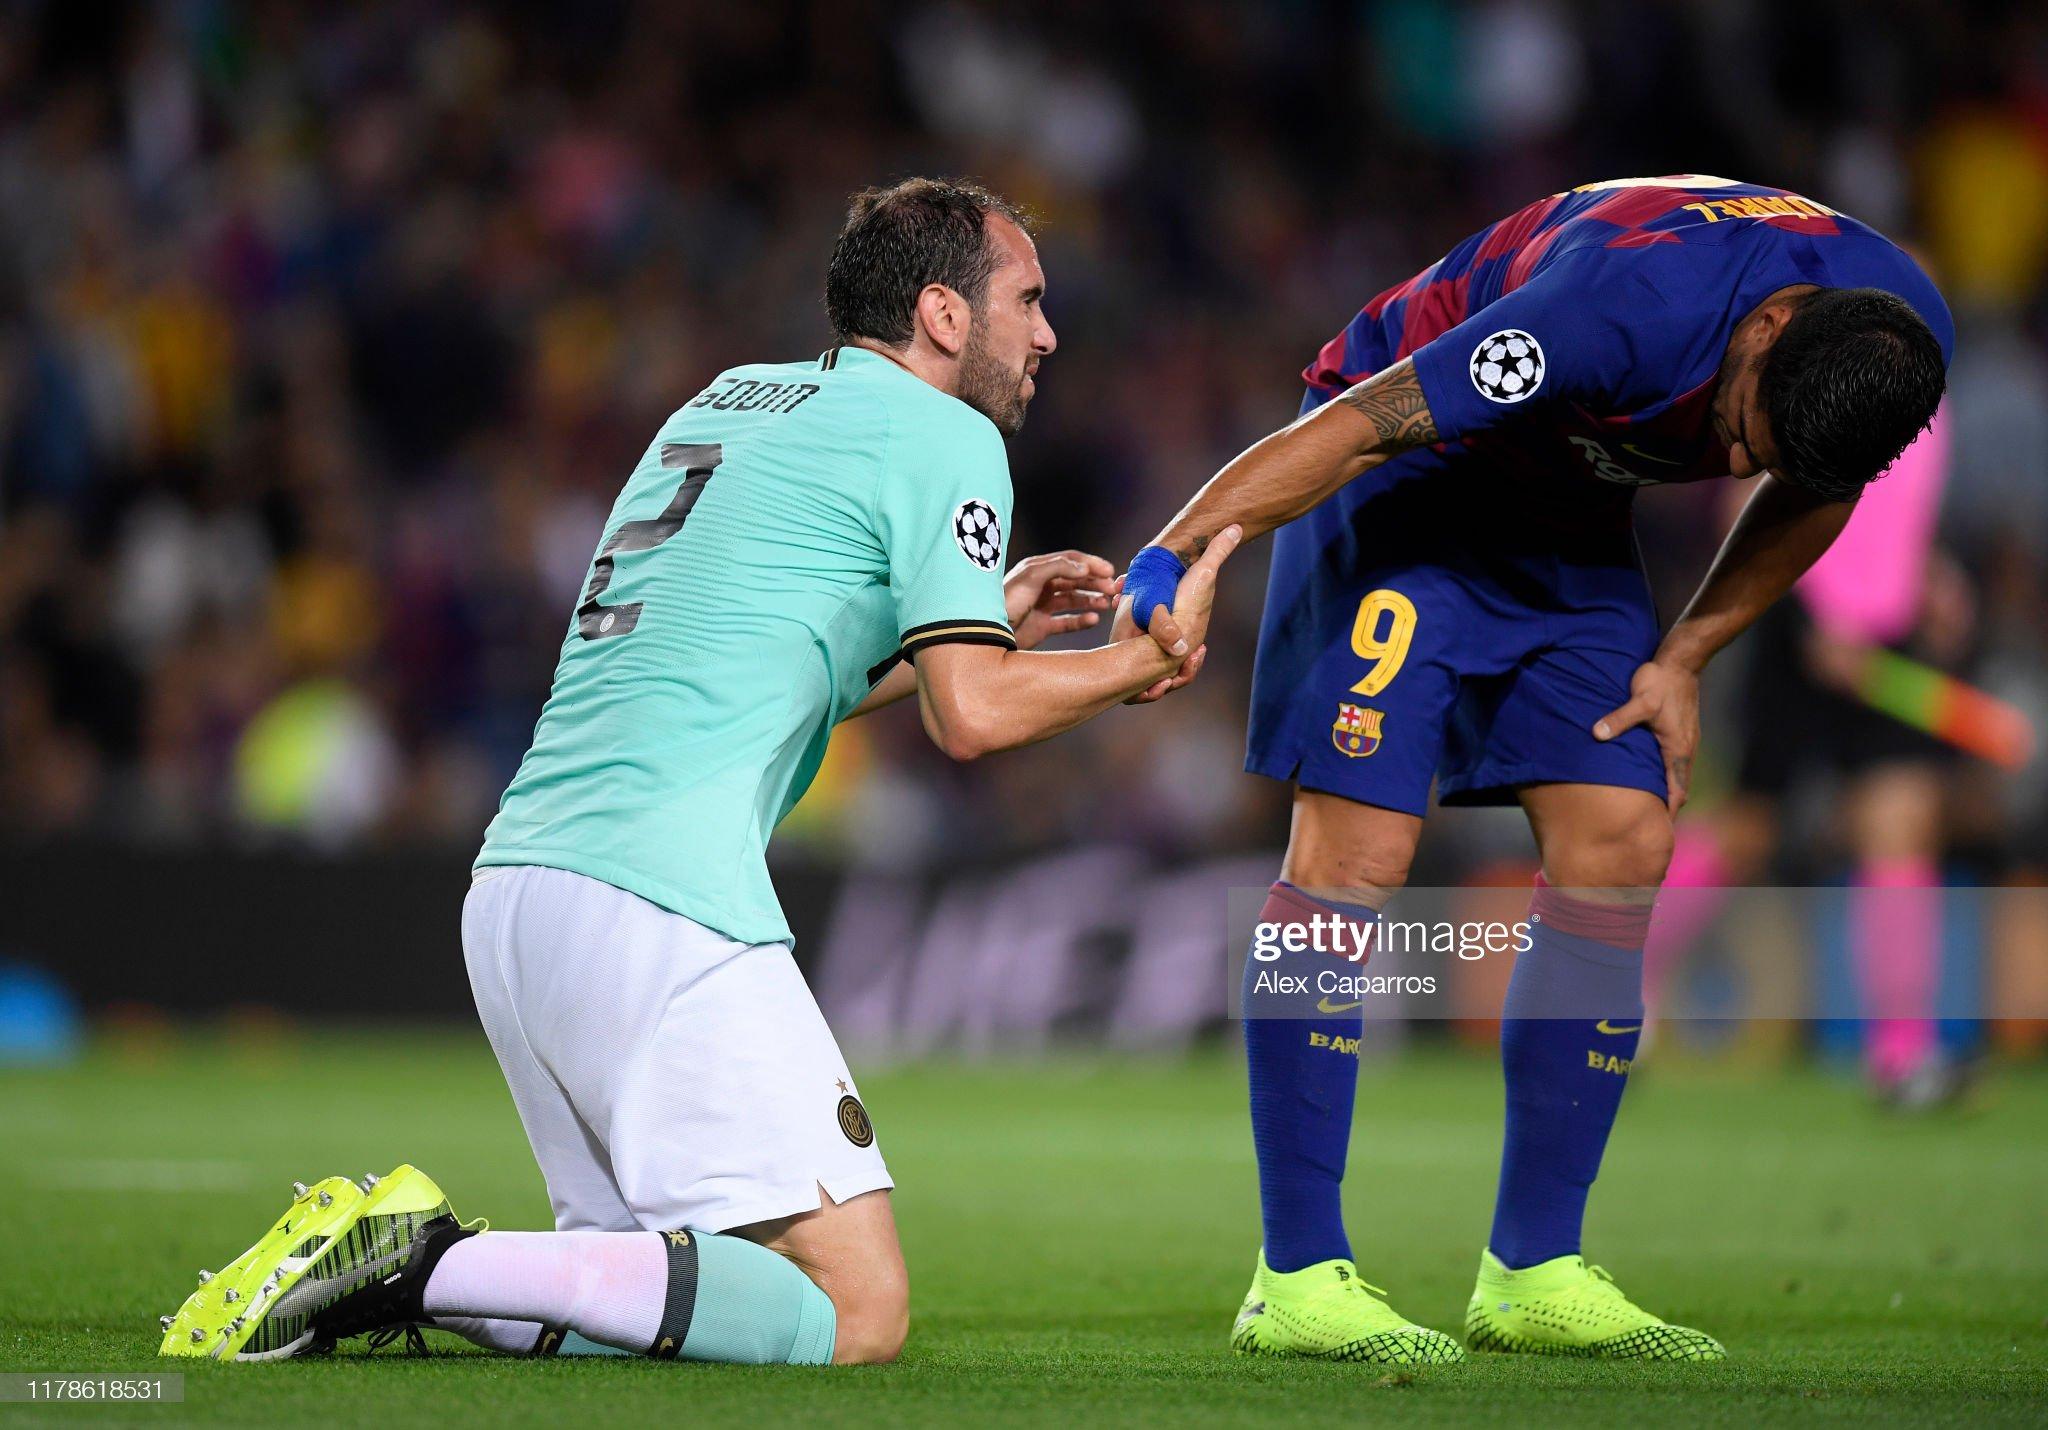 صور مباراة : برشلونة - إنتر 2-1 ( 02-10-2019 )  Luis-suarez-of-fc-barcelona-and-roberto-gagliardini-of-inter-milan-picture-id1178618531?s=2048x2048